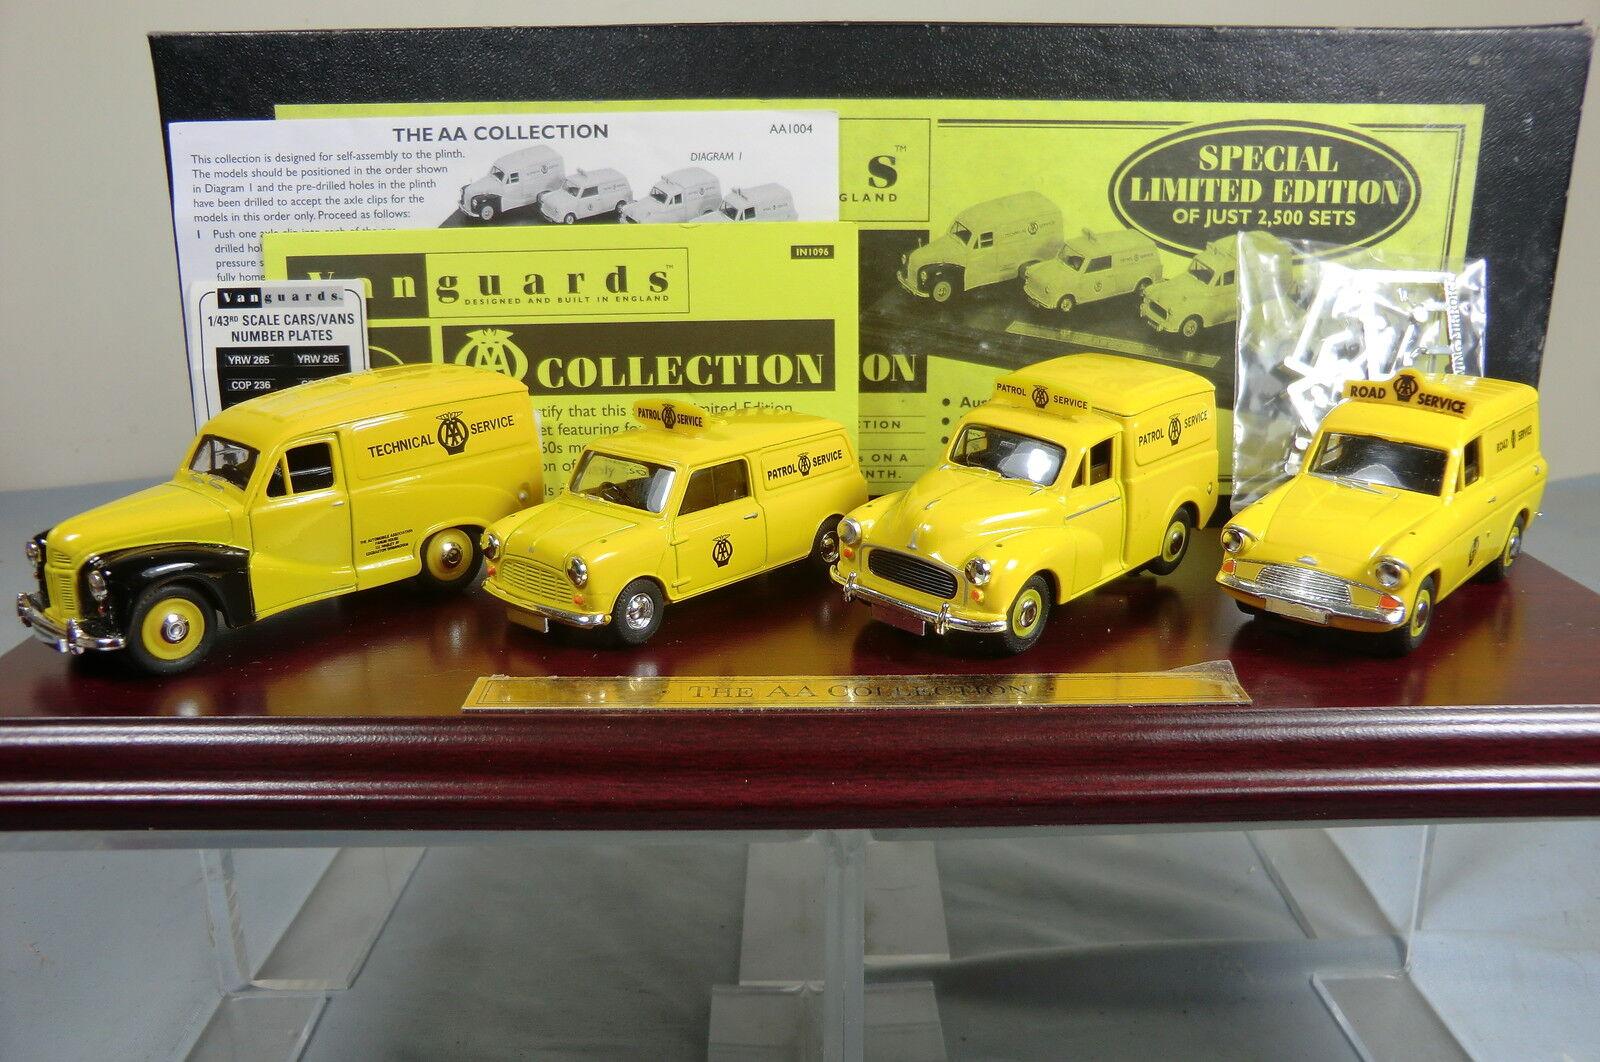 Venta barata Lledo vanguardias vanguardias vanguardias Gift Set No.AA1004. 4 vehículo 'A.A.' Colección Y Pedestal MIB  presentando toda la última moda de la calle